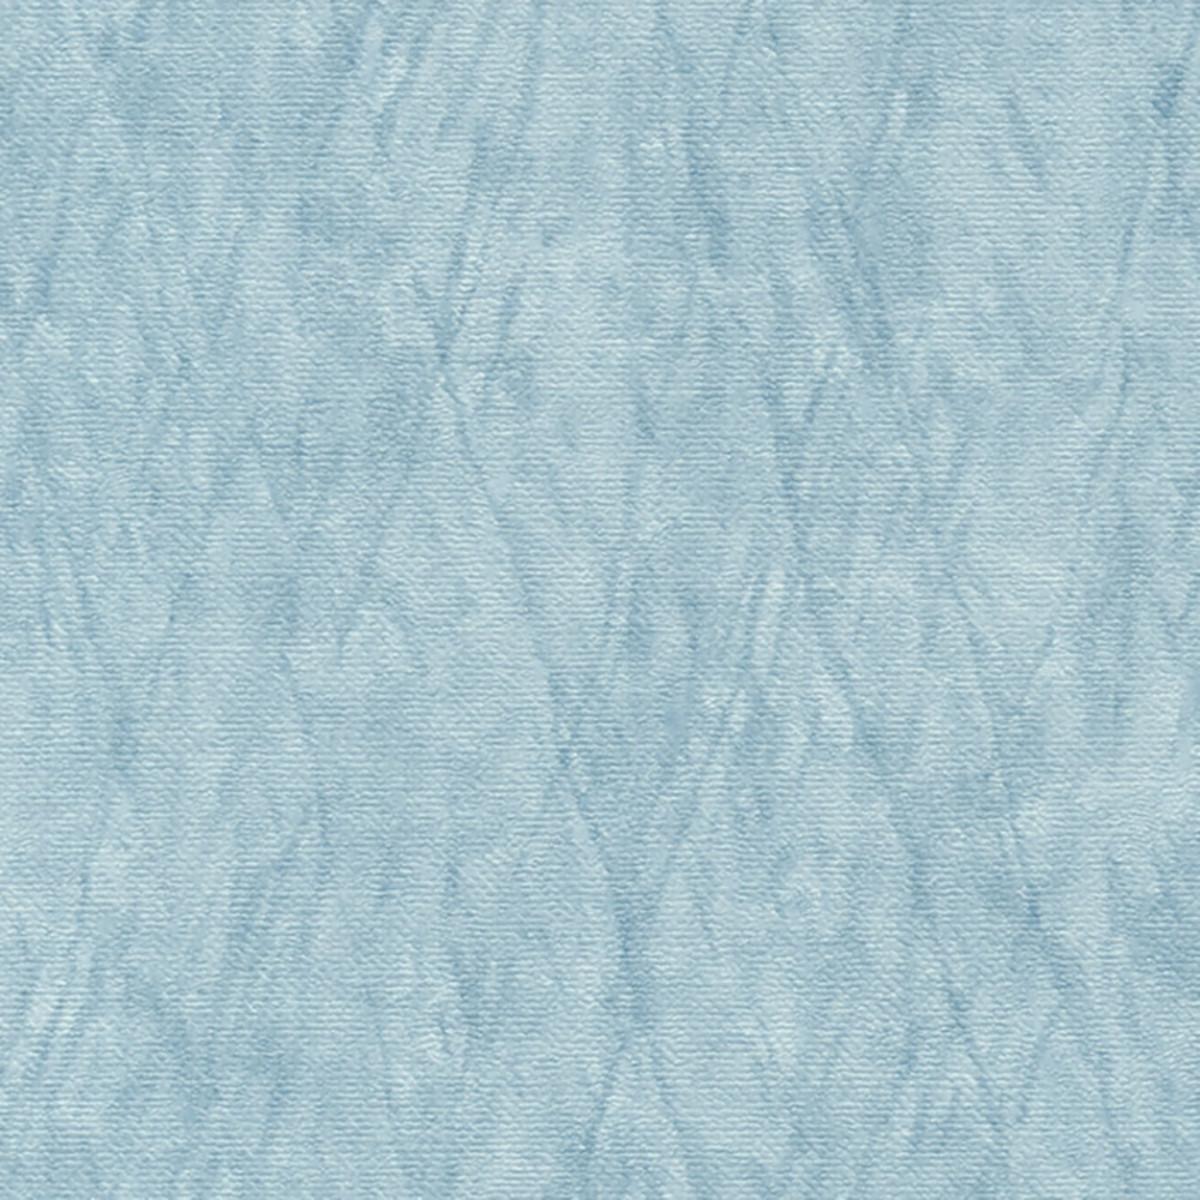 Обои виниловые Shinhan Wallcoverings голубые 1.06 м 88284-3